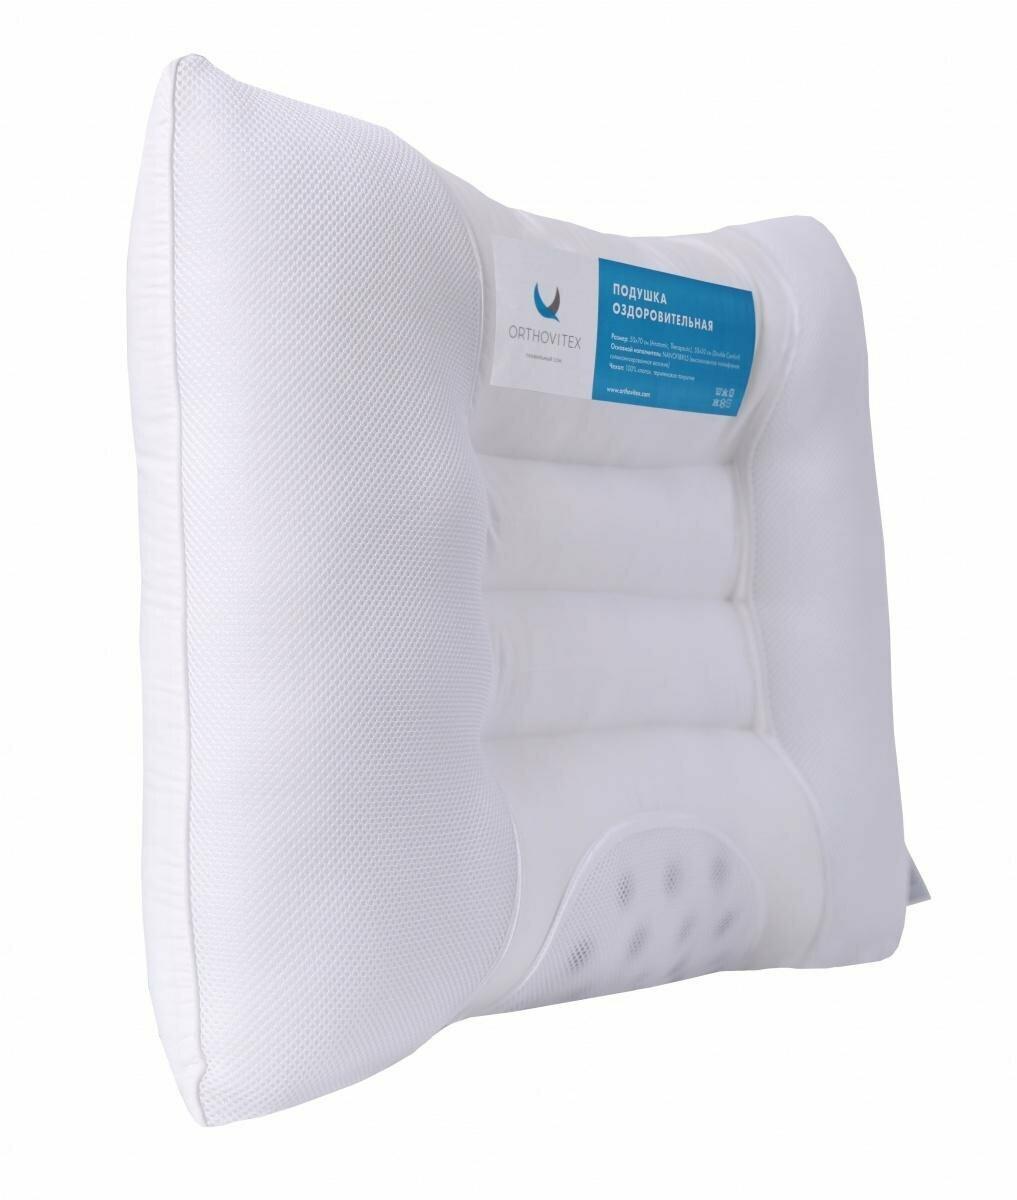 длина и ширина подушки